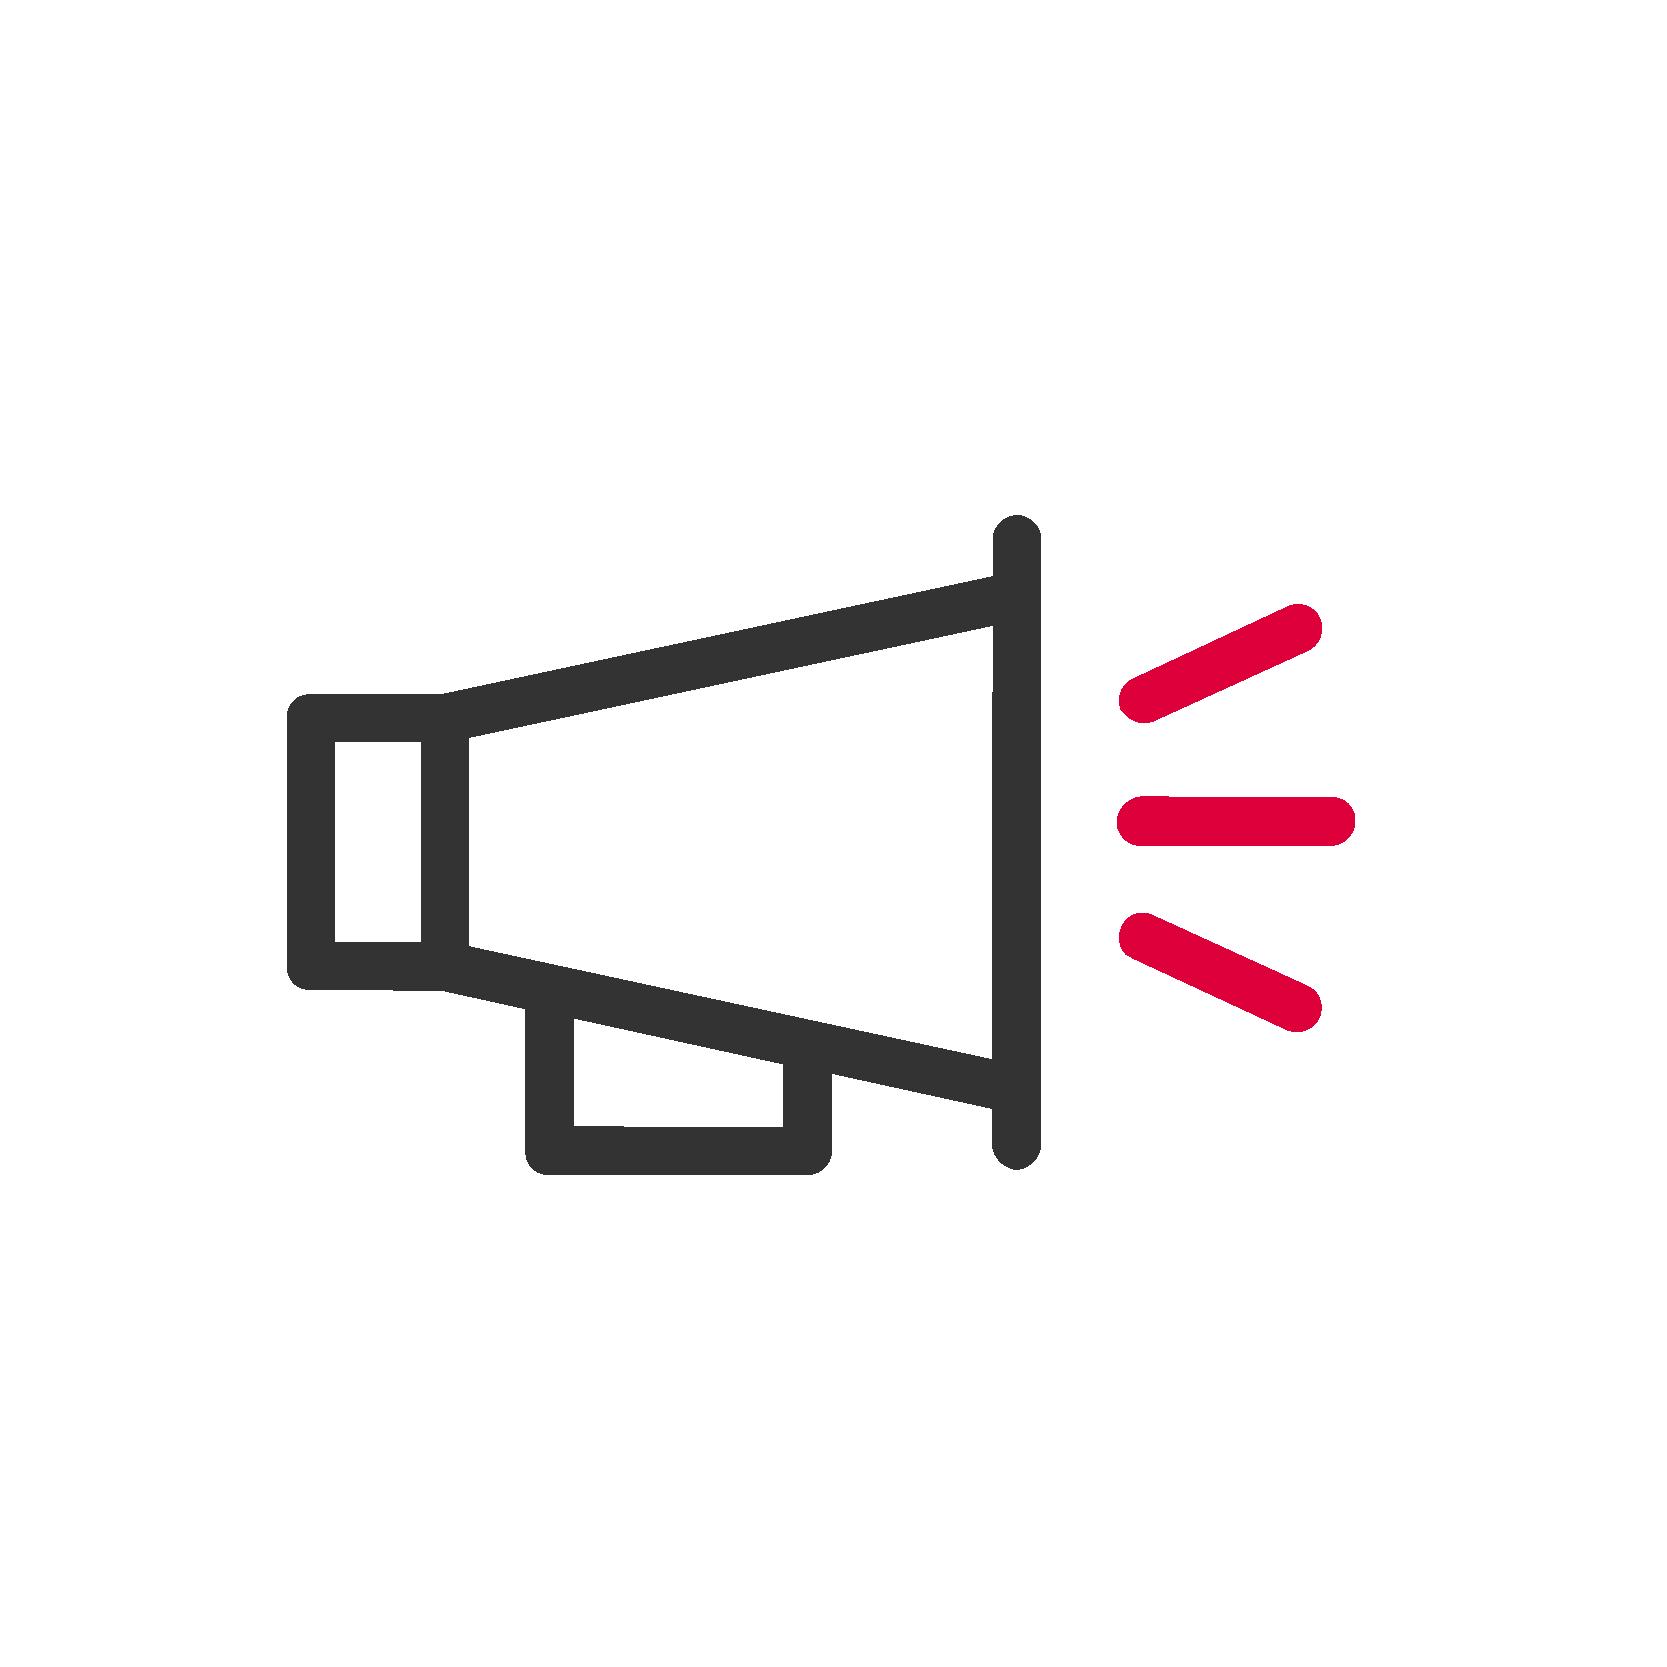 AGENCY - A Left é a responsável pela criação de material de comunicação para suporte a campanhas